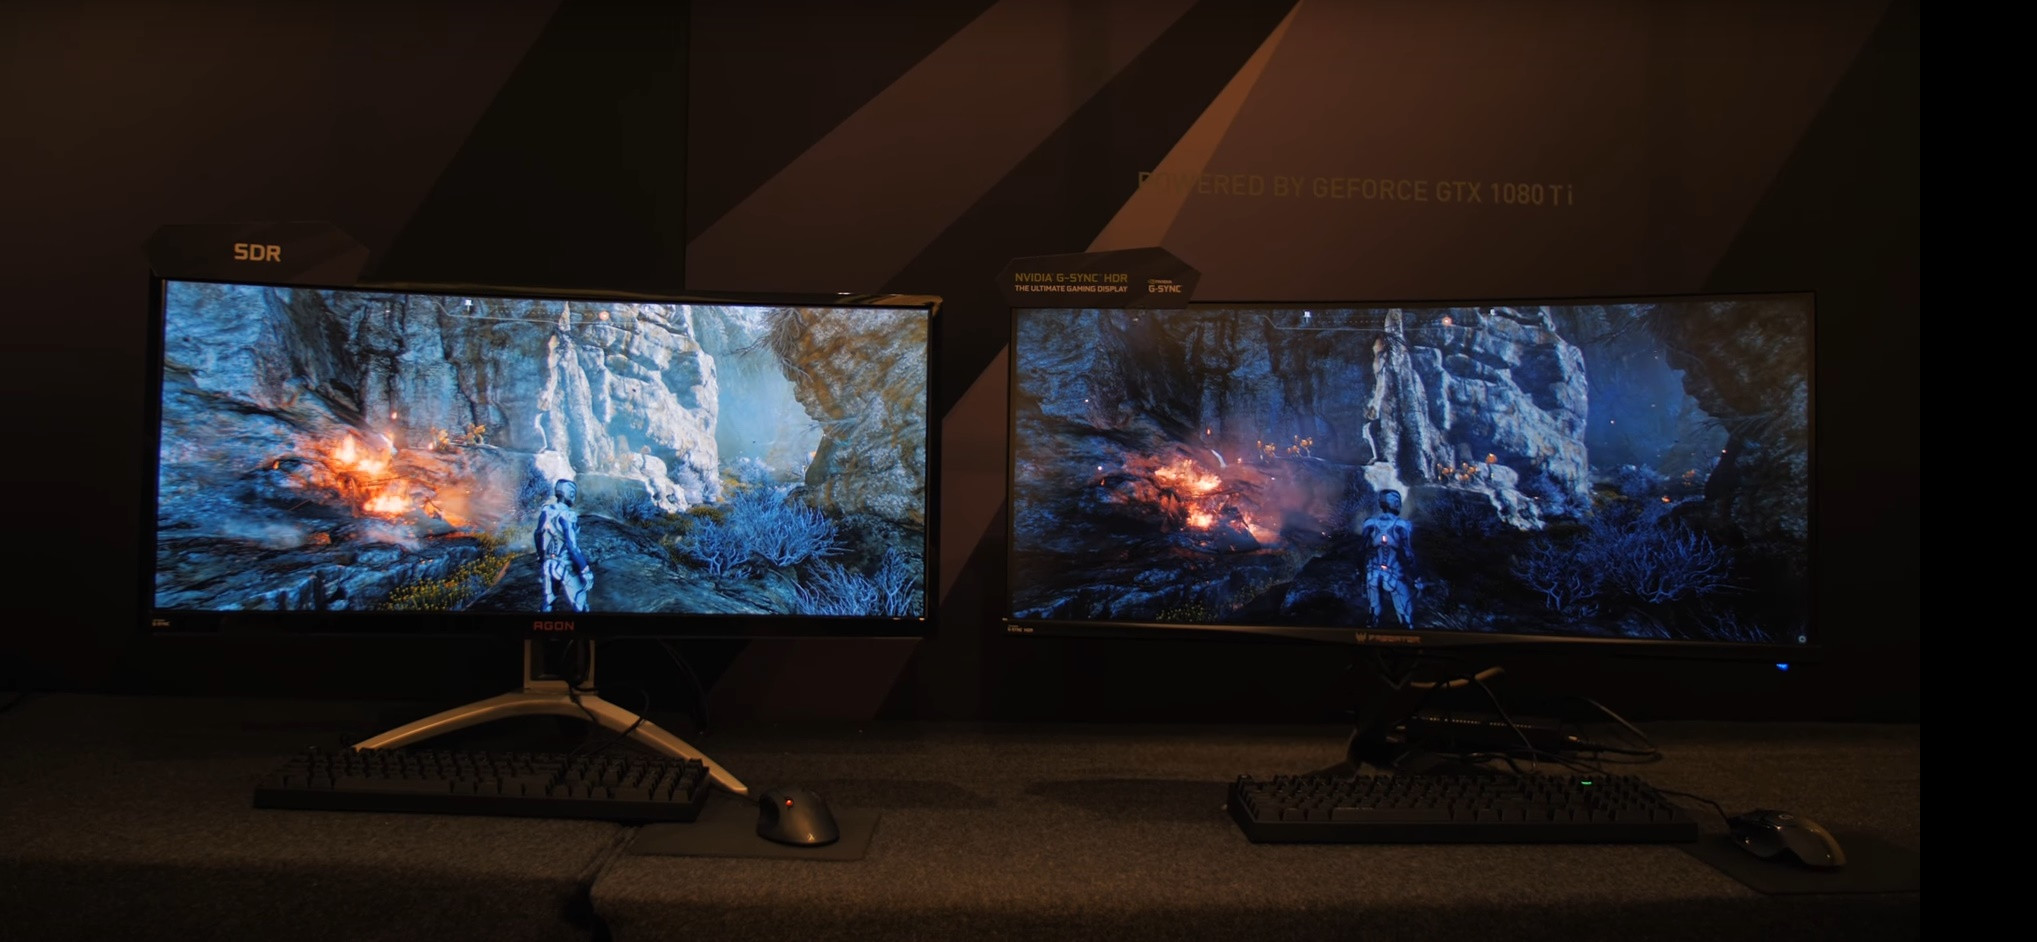 NVIDIA truca la imagen de un monitor SDR para destacar su tecnología HDR